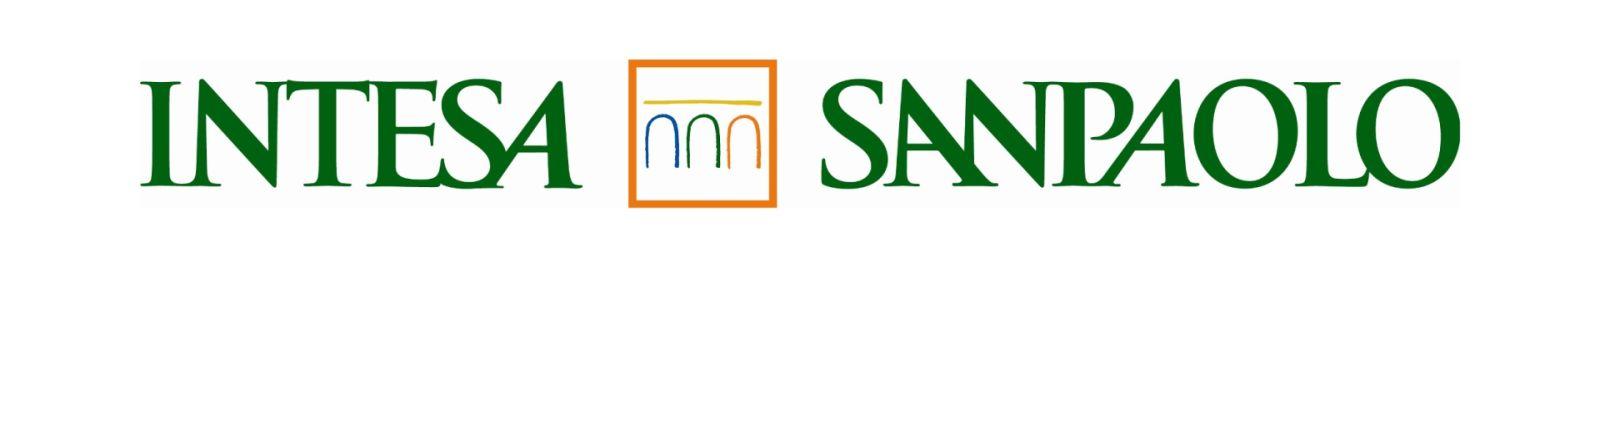 Intesa Sanpaolo e Banco Alimentareil pescato di frodo ai bisognosi